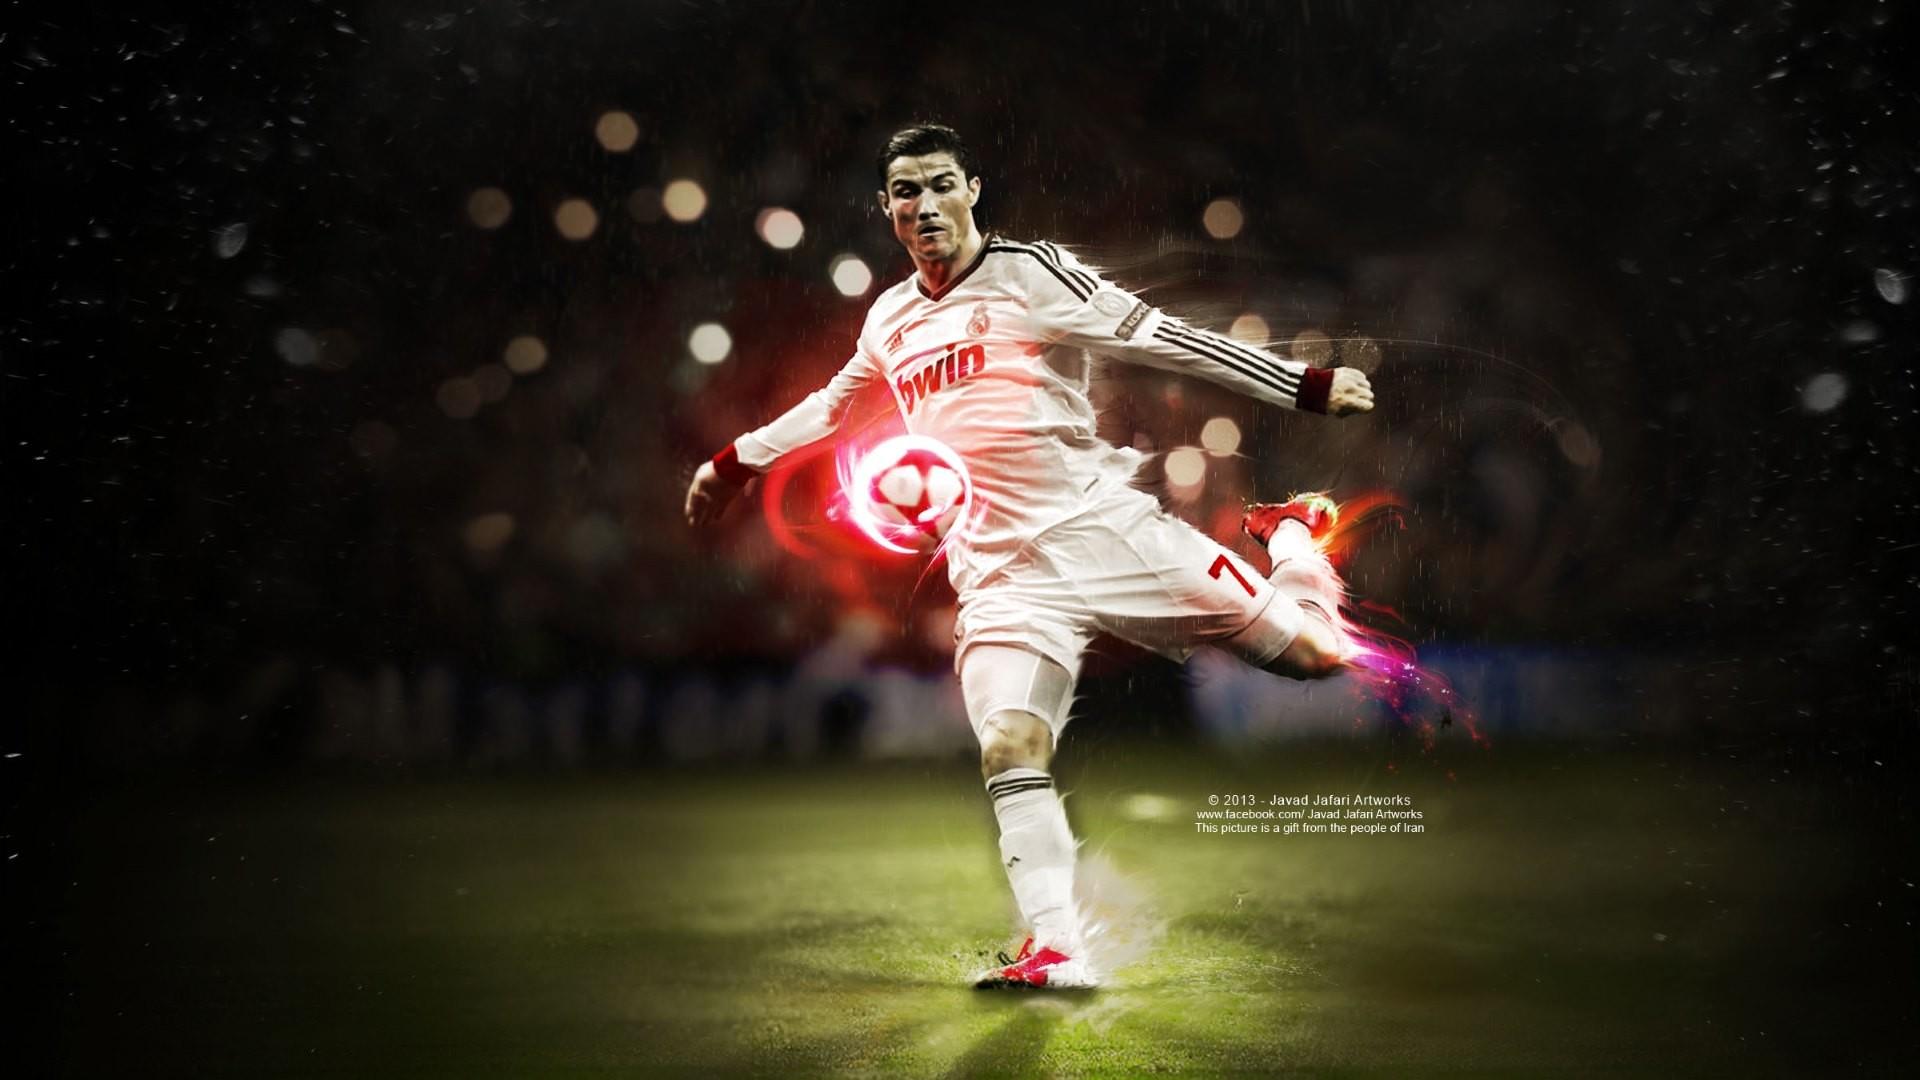 Trong bộ sưu tập này chúng tôi sẽ gửi đến bạn những hình ảnh đẹp nhất của Ronaldo.